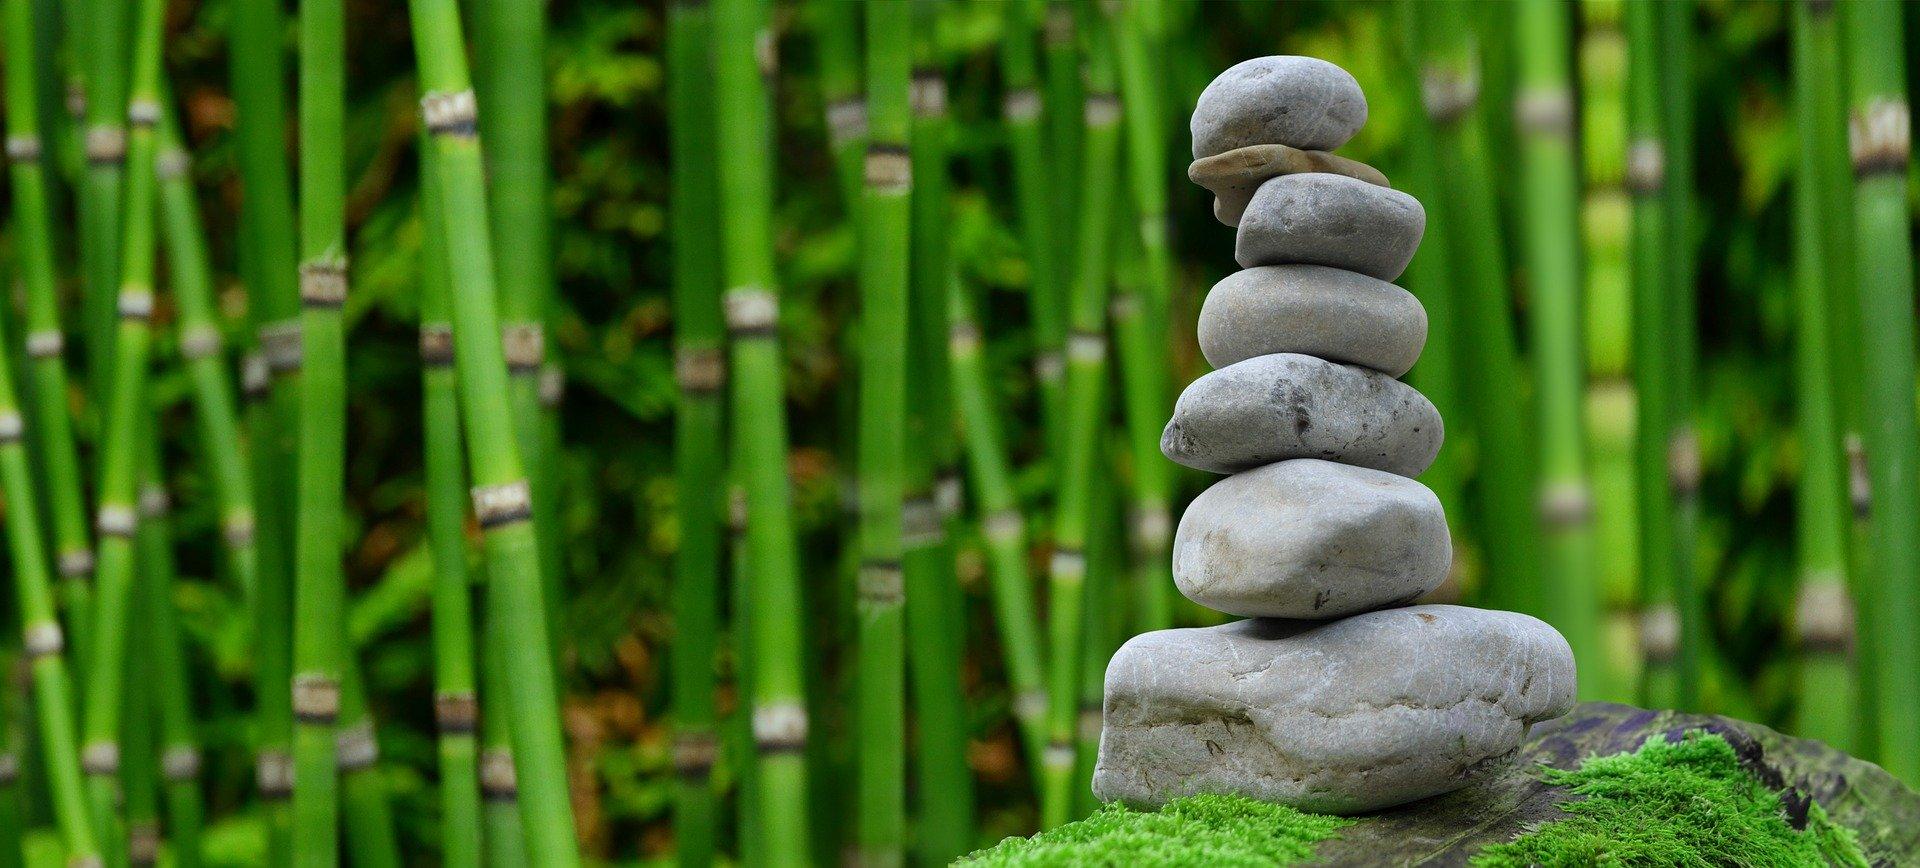 zen performance high performance